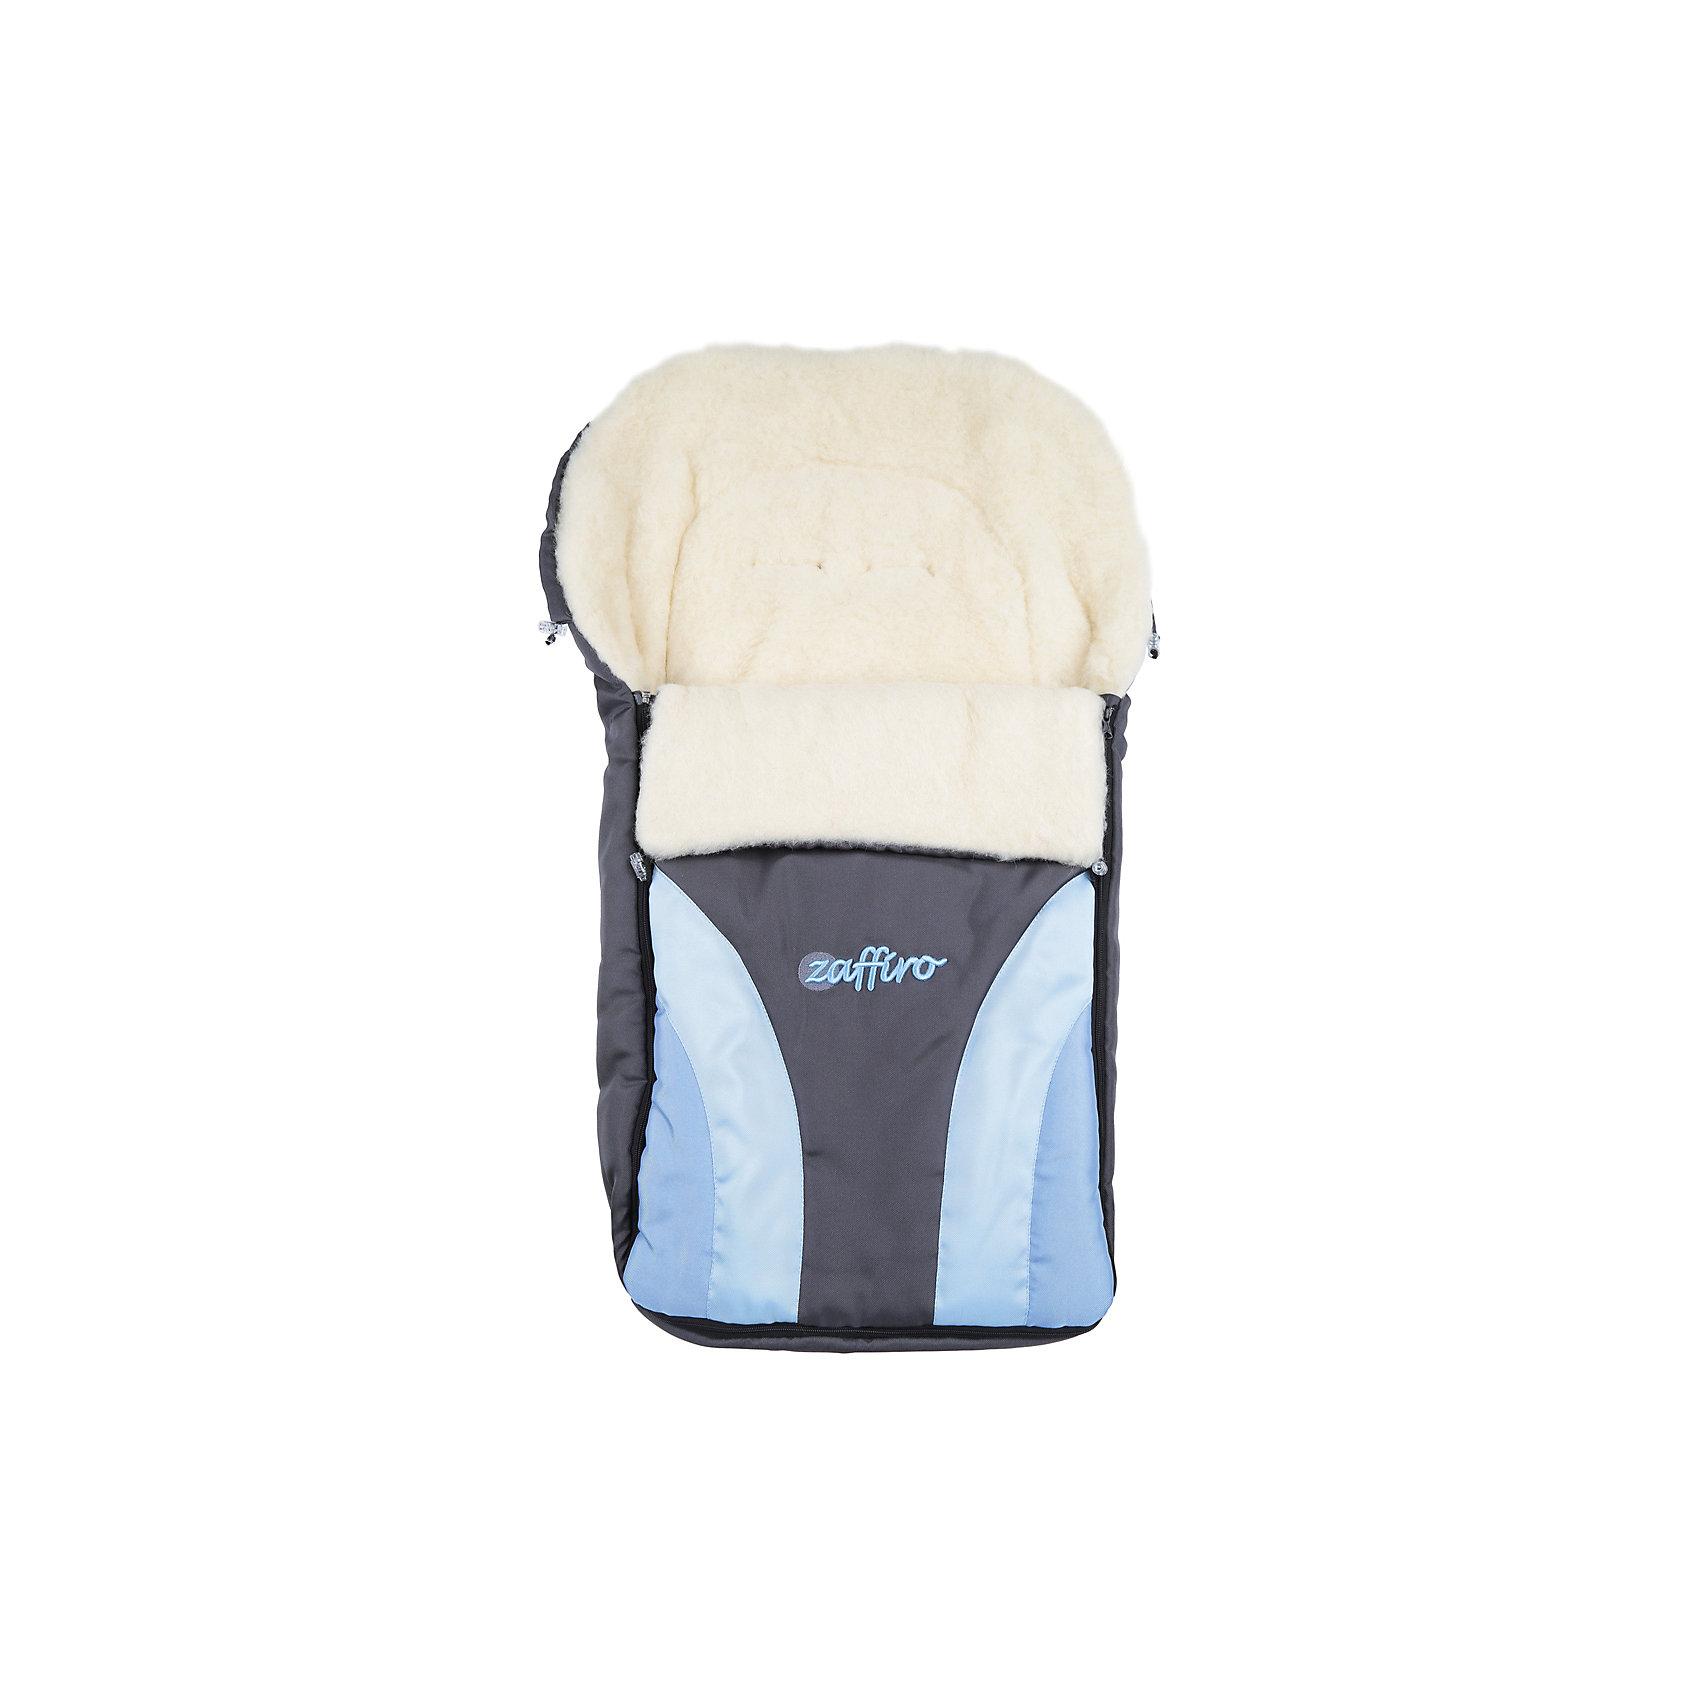 Конверт Crucus, Womar, серый/голубойПрактичный теплый конверт  из овечьей шерсти станет незаменимым спутником во время прогулок или путешествий. Конверт имеет удобные застежки, благодаря которым ребенка можно легко уложить внутрь или достать. Овечья шерсть обладает прекрасной терморегуляцией, поддерживая внутри комфортную для малыша температуру.<br><br>Дополнительная информация:<br><br>Состав: 100% шерсть<br>Размеры: 95х50 см.<br><br>Конверт Crucus, Womar, серый/голубой можно купить в нашем магазине.<br><br>Ширина мм: 950<br>Глубина мм: 500<br>Высота мм: 100<br>Вес г: 500<br>Цвет: серо-голубой<br>Возраст от месяцев: 0<br>Возраст до месяцев: 12<br>Пол: Мужской<br>Возраст: Детский<br>SKU: 4240247